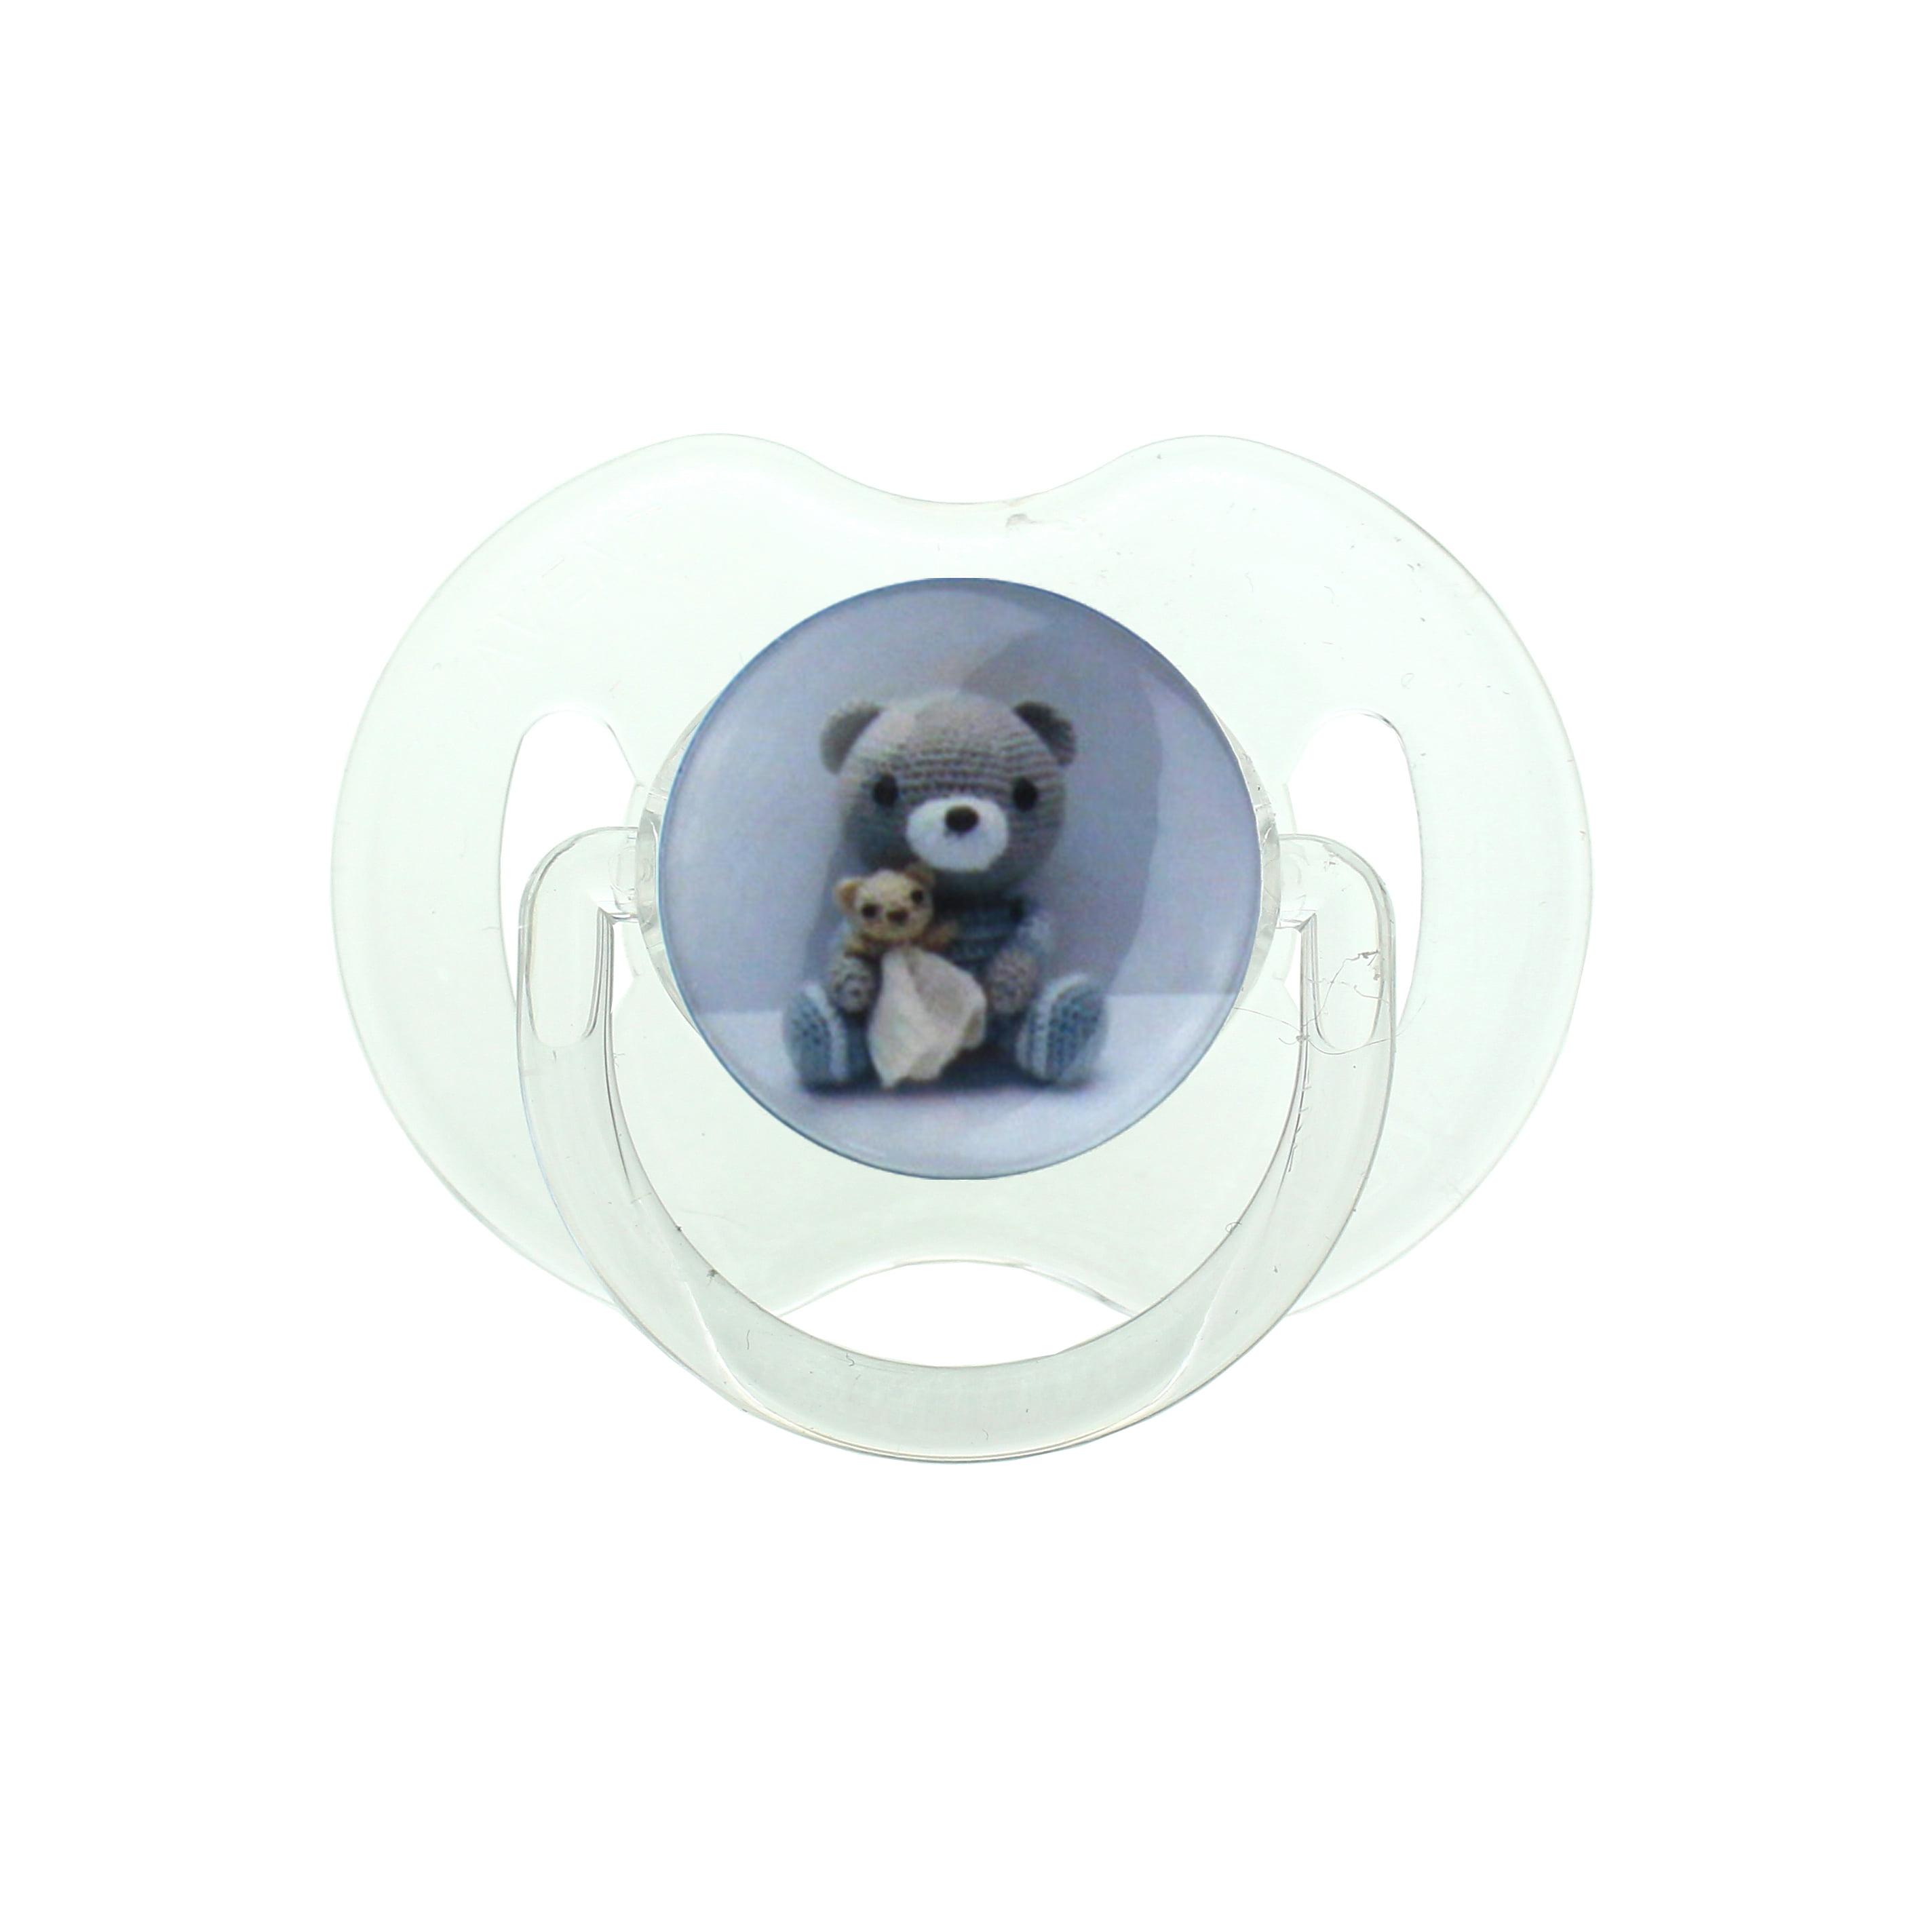 Grey Teddy Bear Pacifier by Crystal Dream